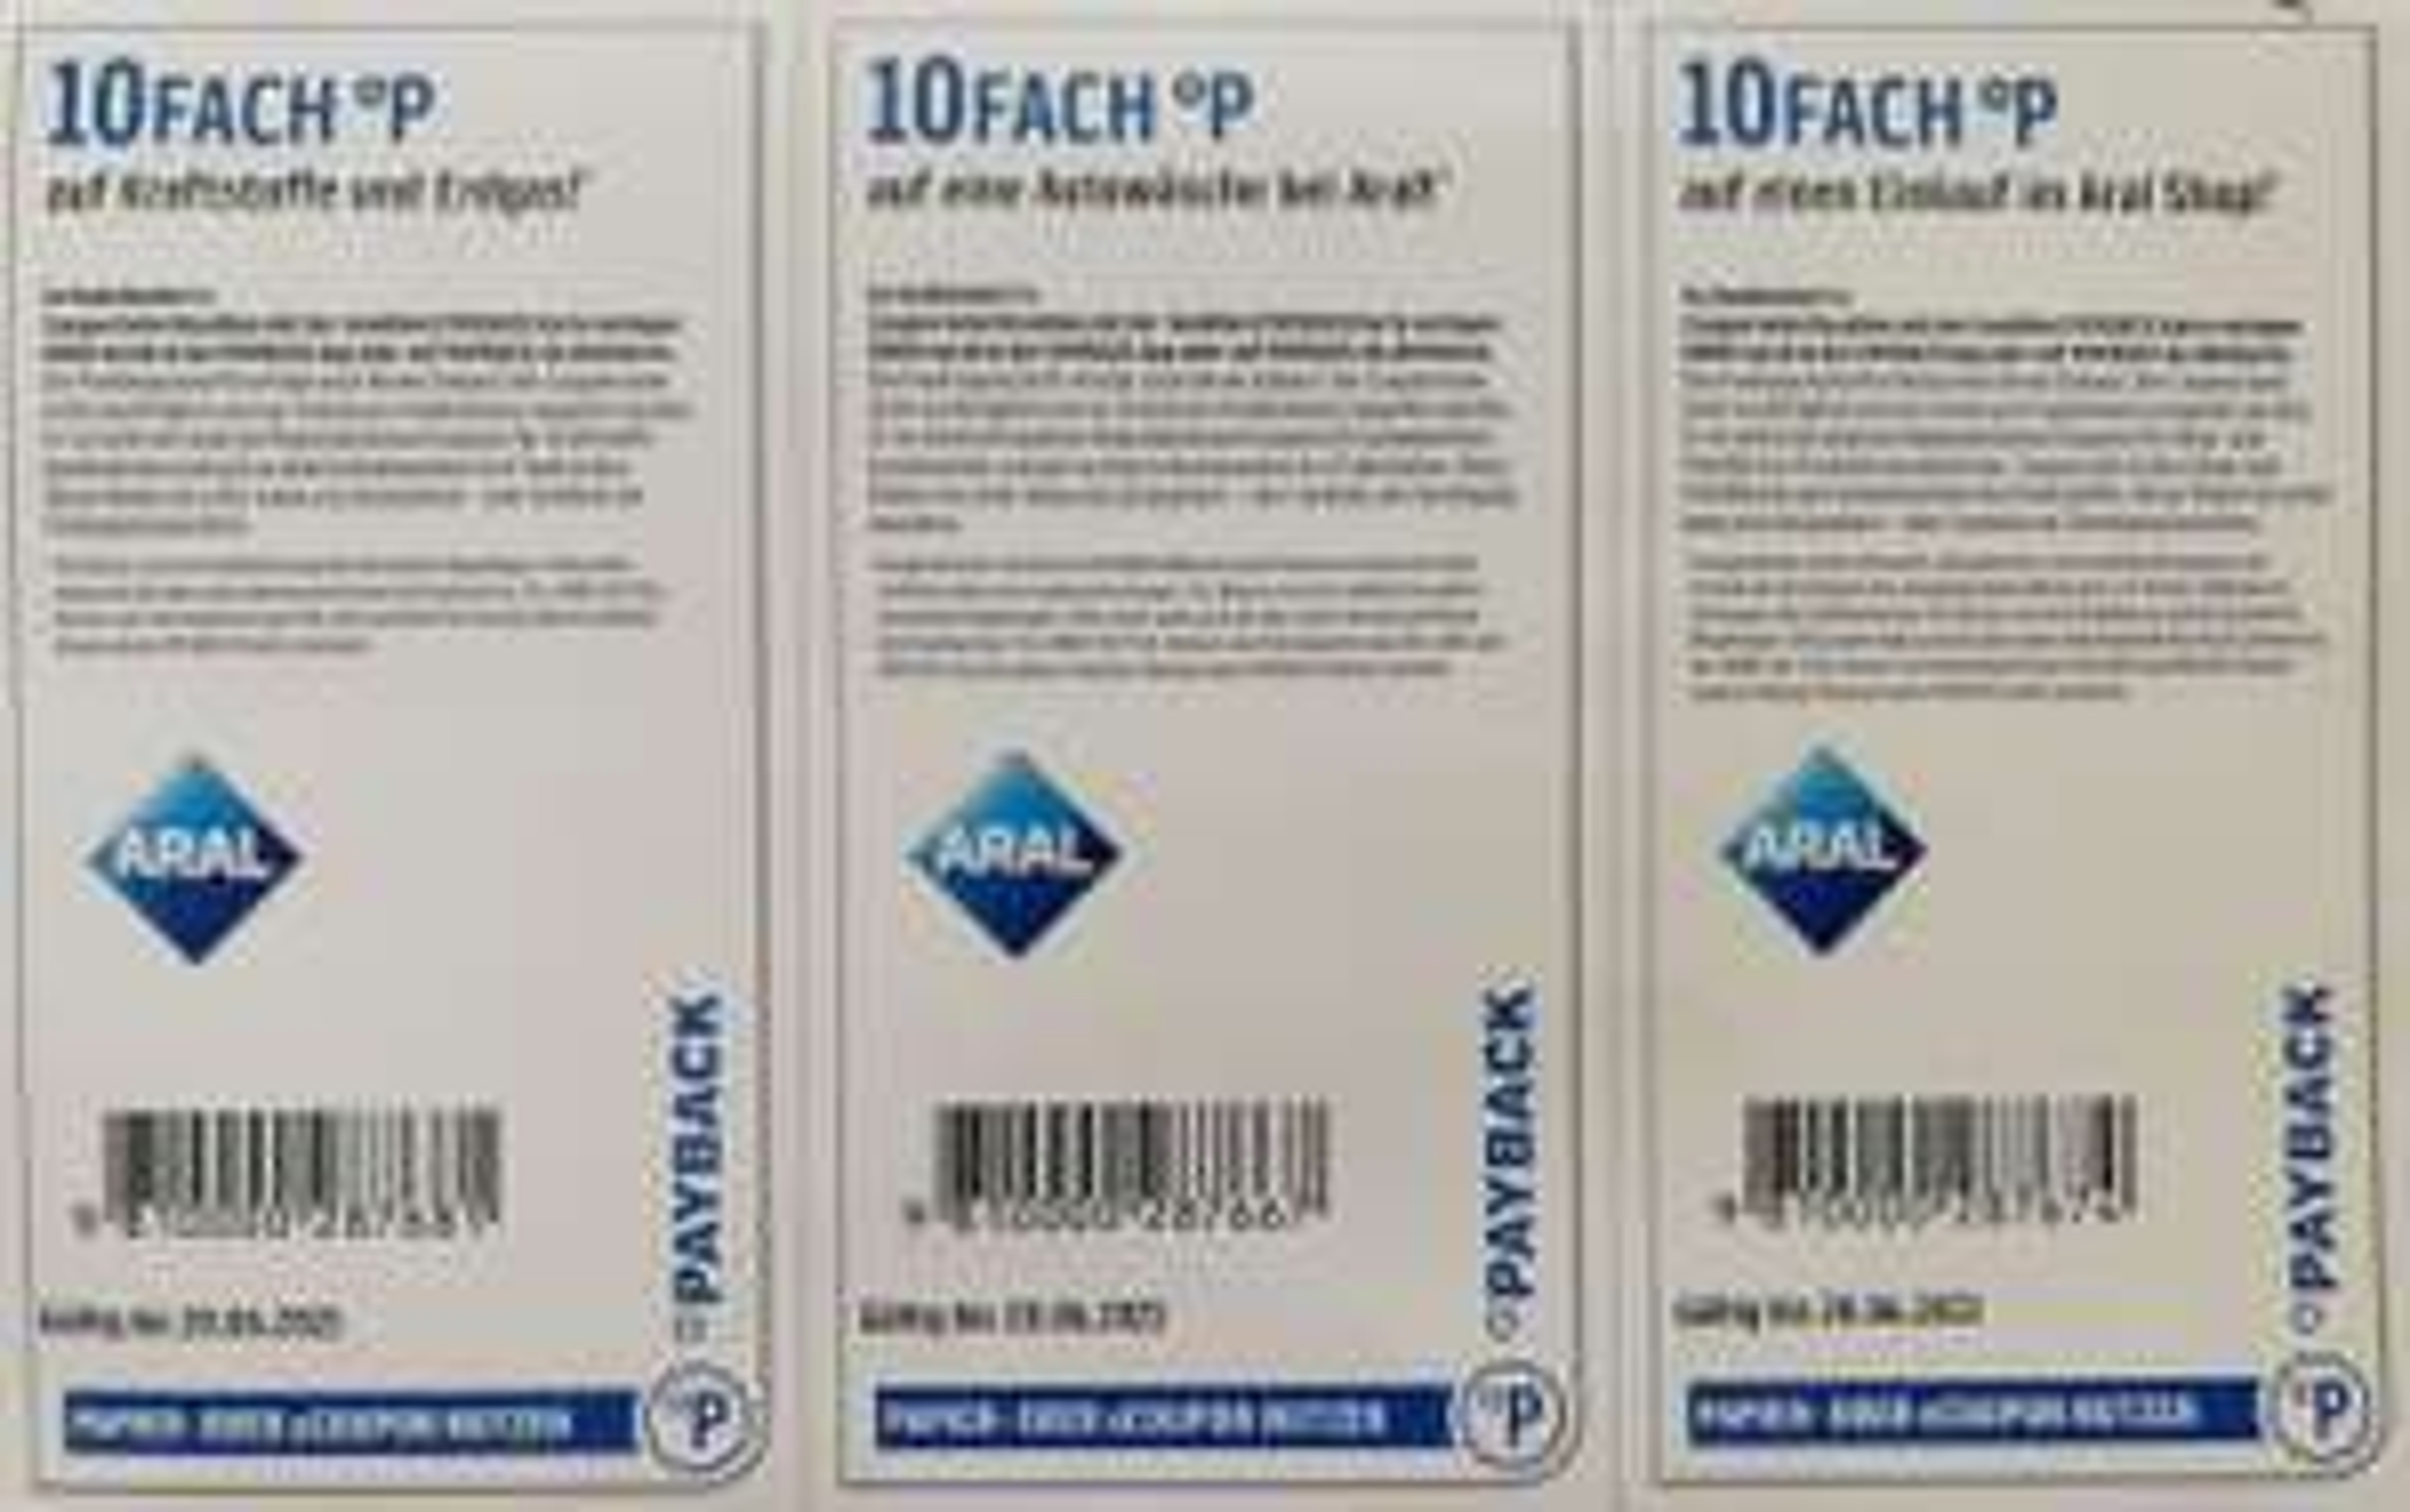 [Payback Aral] 10fach auf Kraftstoff, Autowäsche & Aral-Shop (personalisiert!)